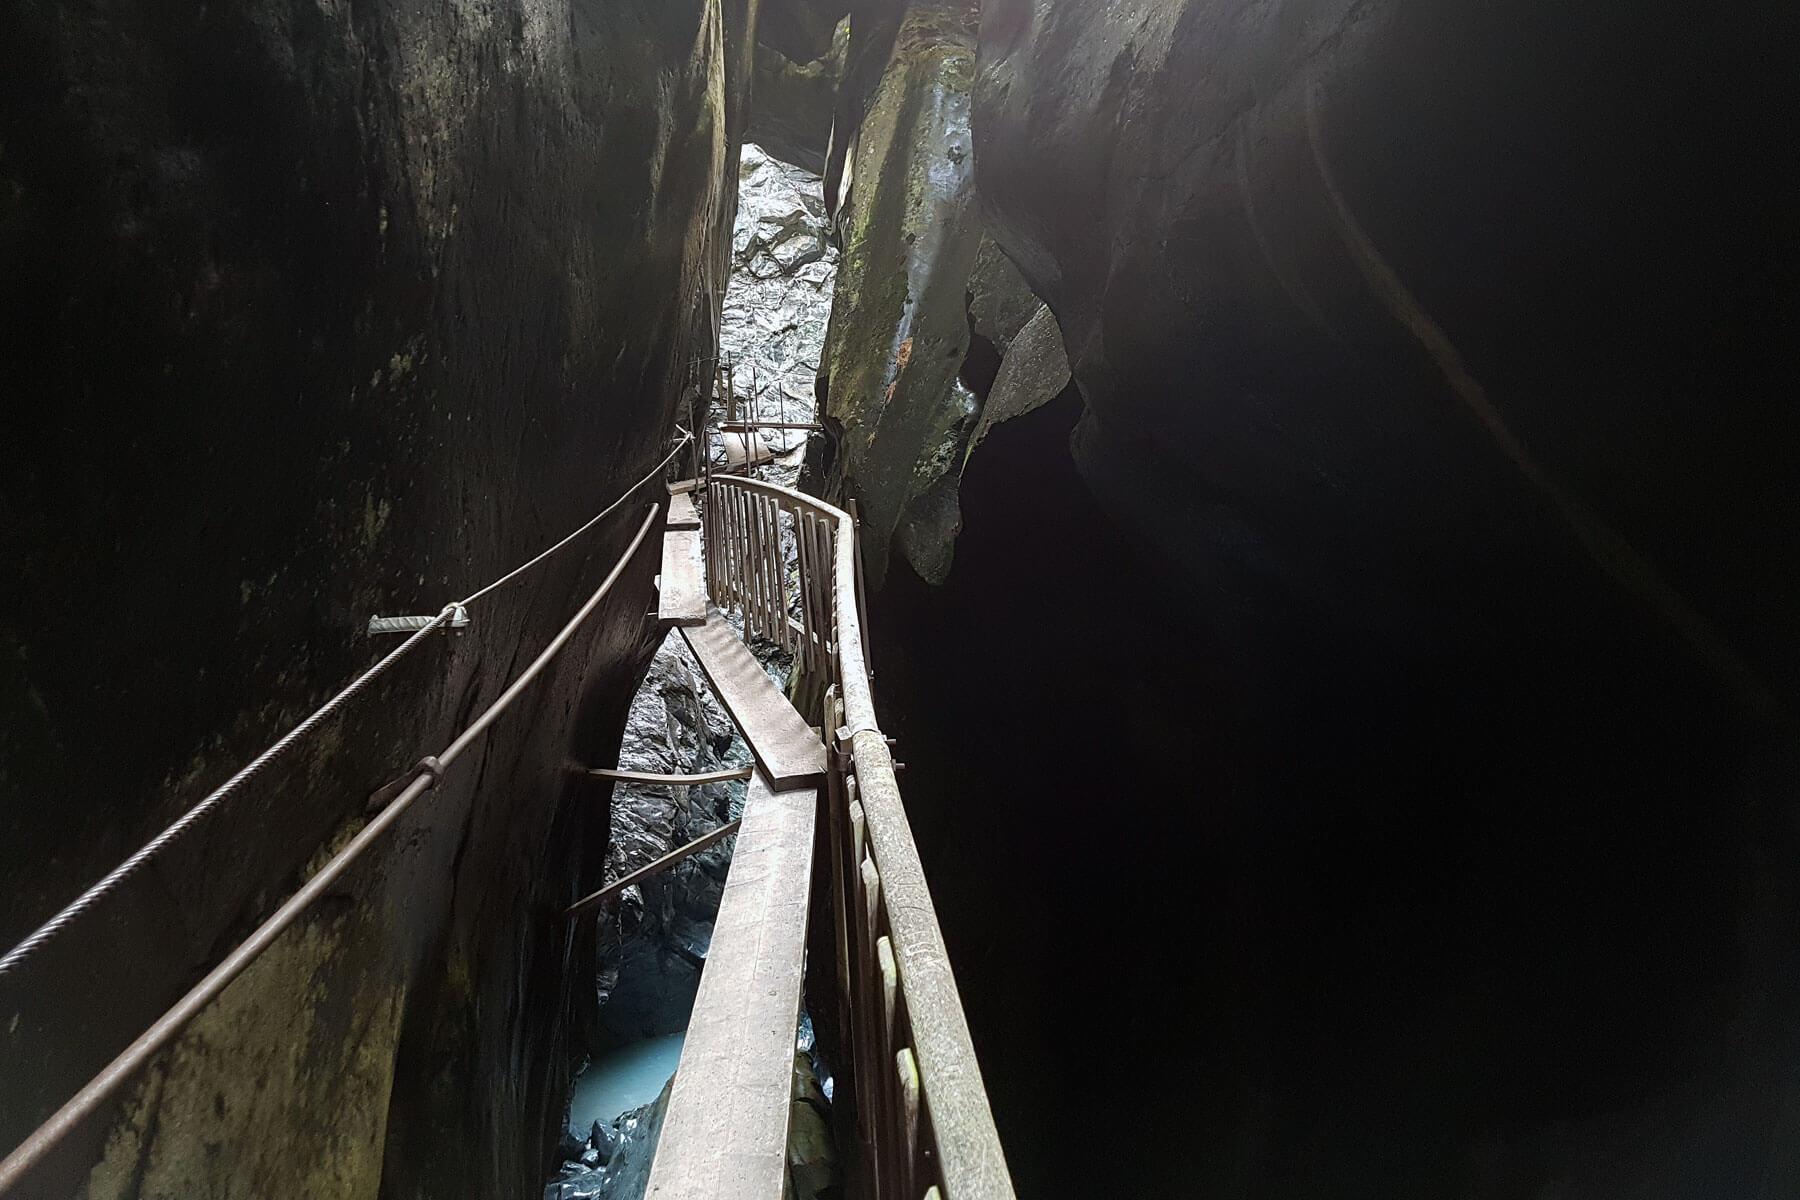 Klettersteig Zermatt : Mammut klettersteig zermatt bergsport